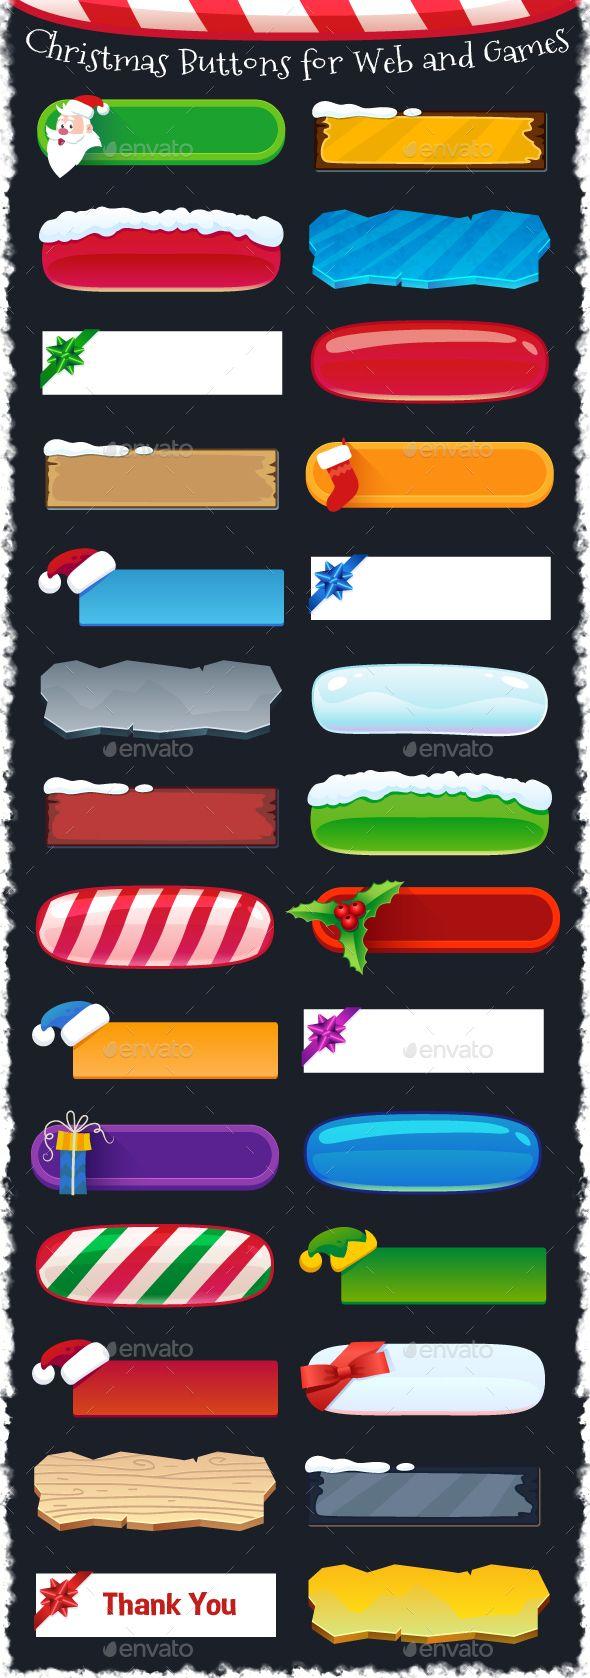 Christmas Buttons for Web and Games - Christmas Seasons/Holidays